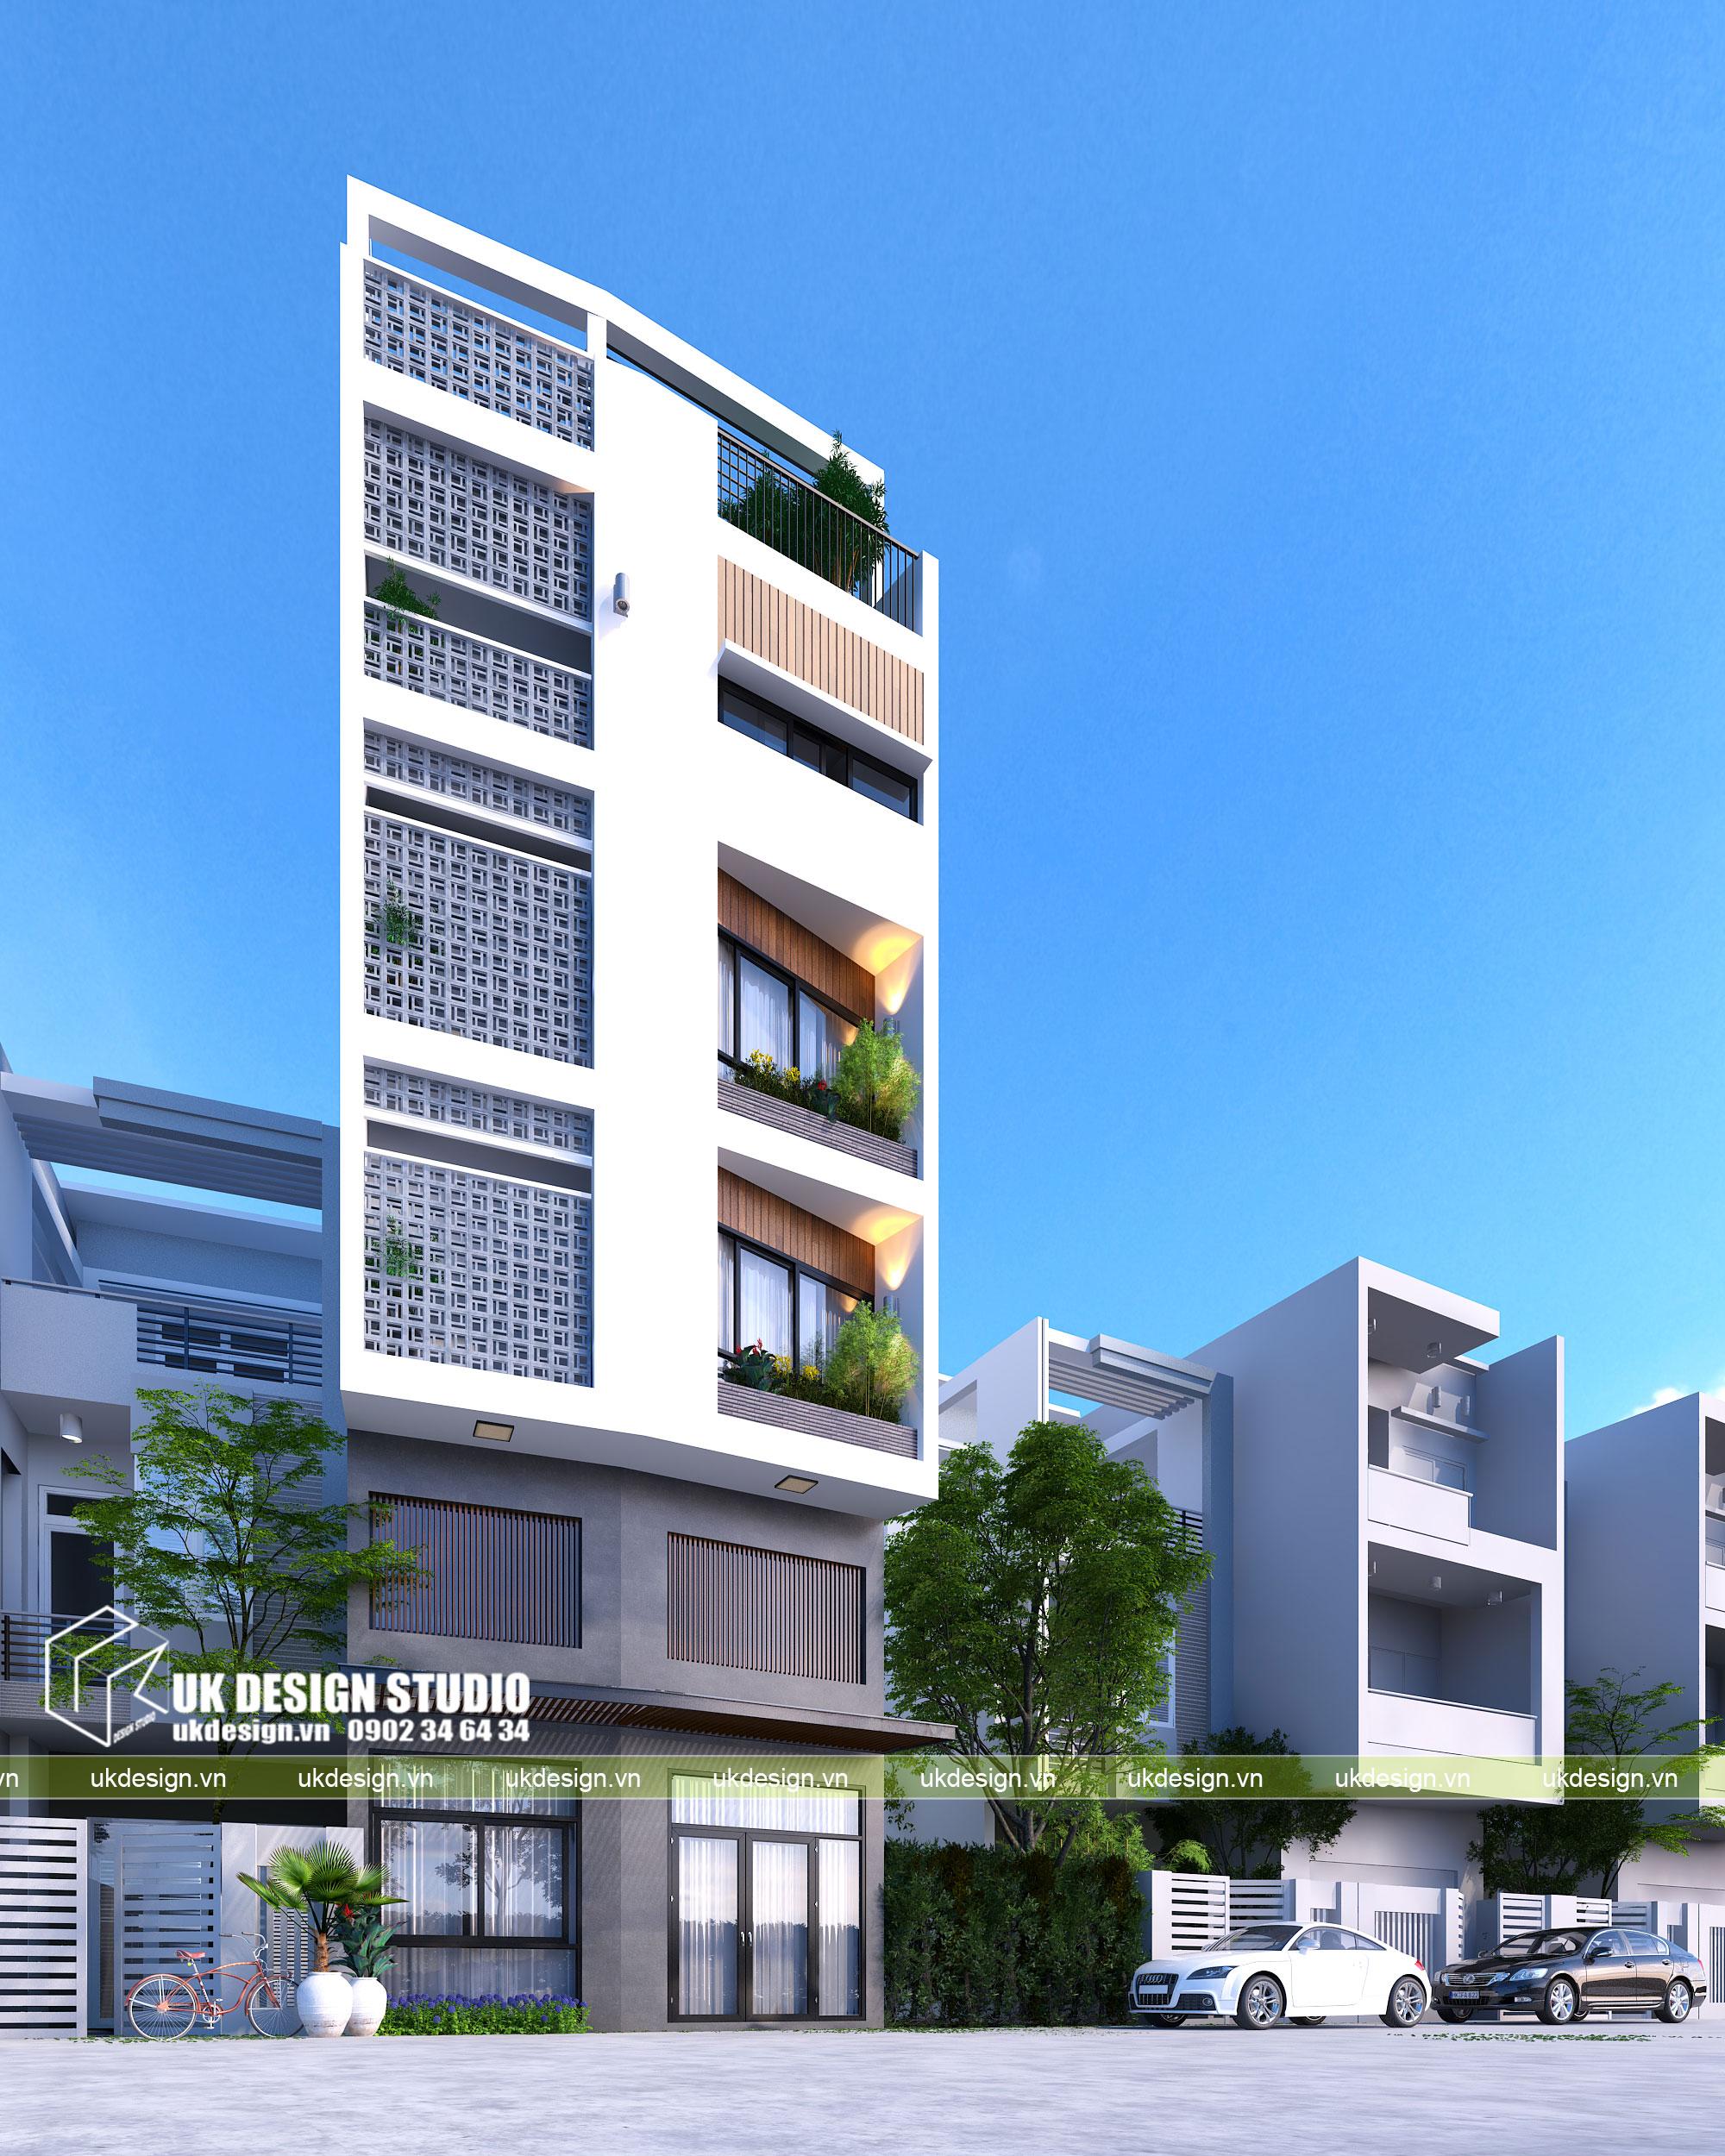 Thiết kế nhà phố diện tích nhỏ hiện đại